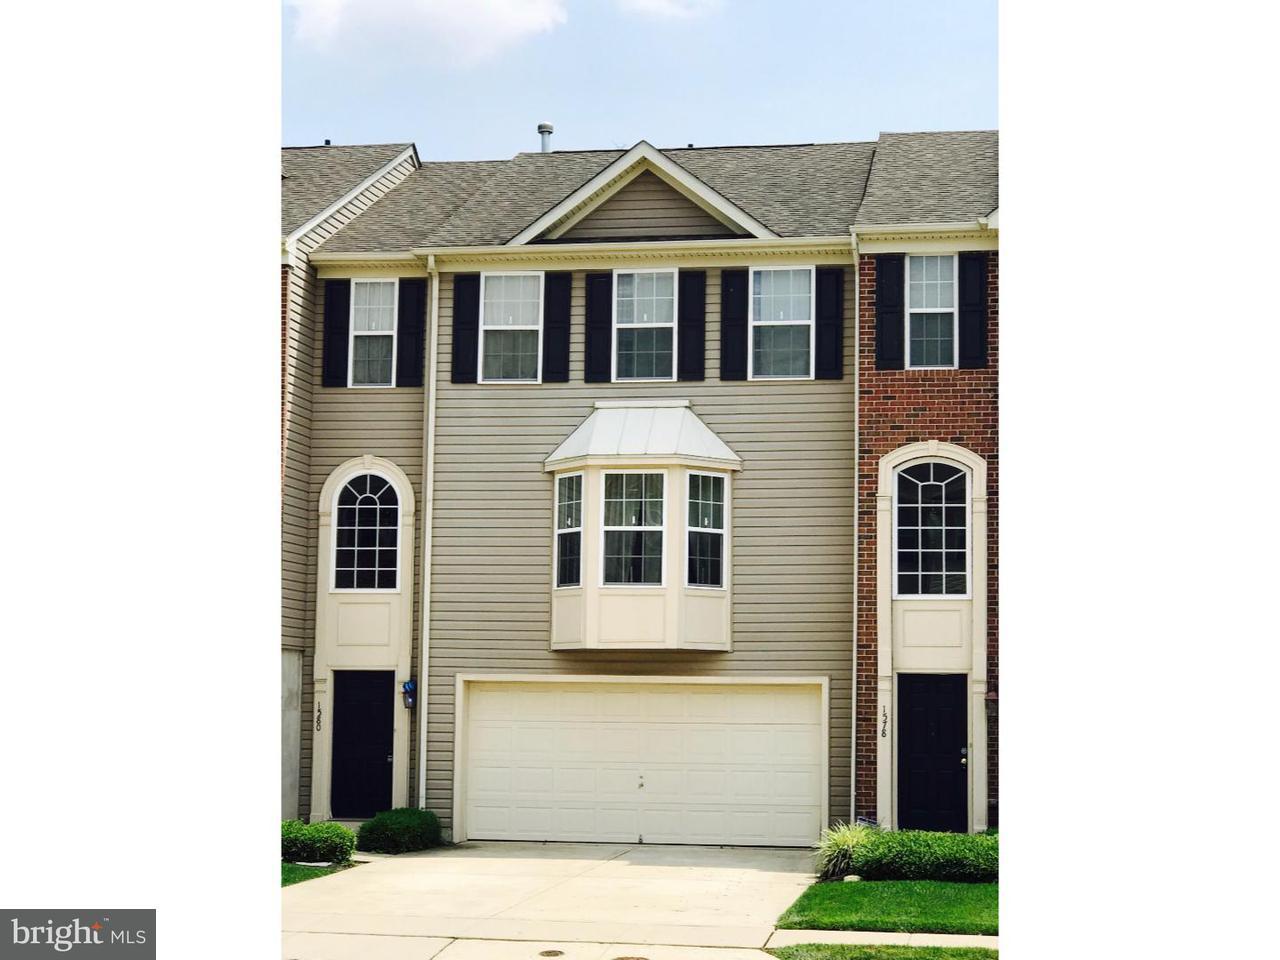 Casa unifamiliar adosada (Townhouse) por un Alquiler en 1580 JASON Drive Cinnaminson, Nueva Jersey 08077 Estados Unidos